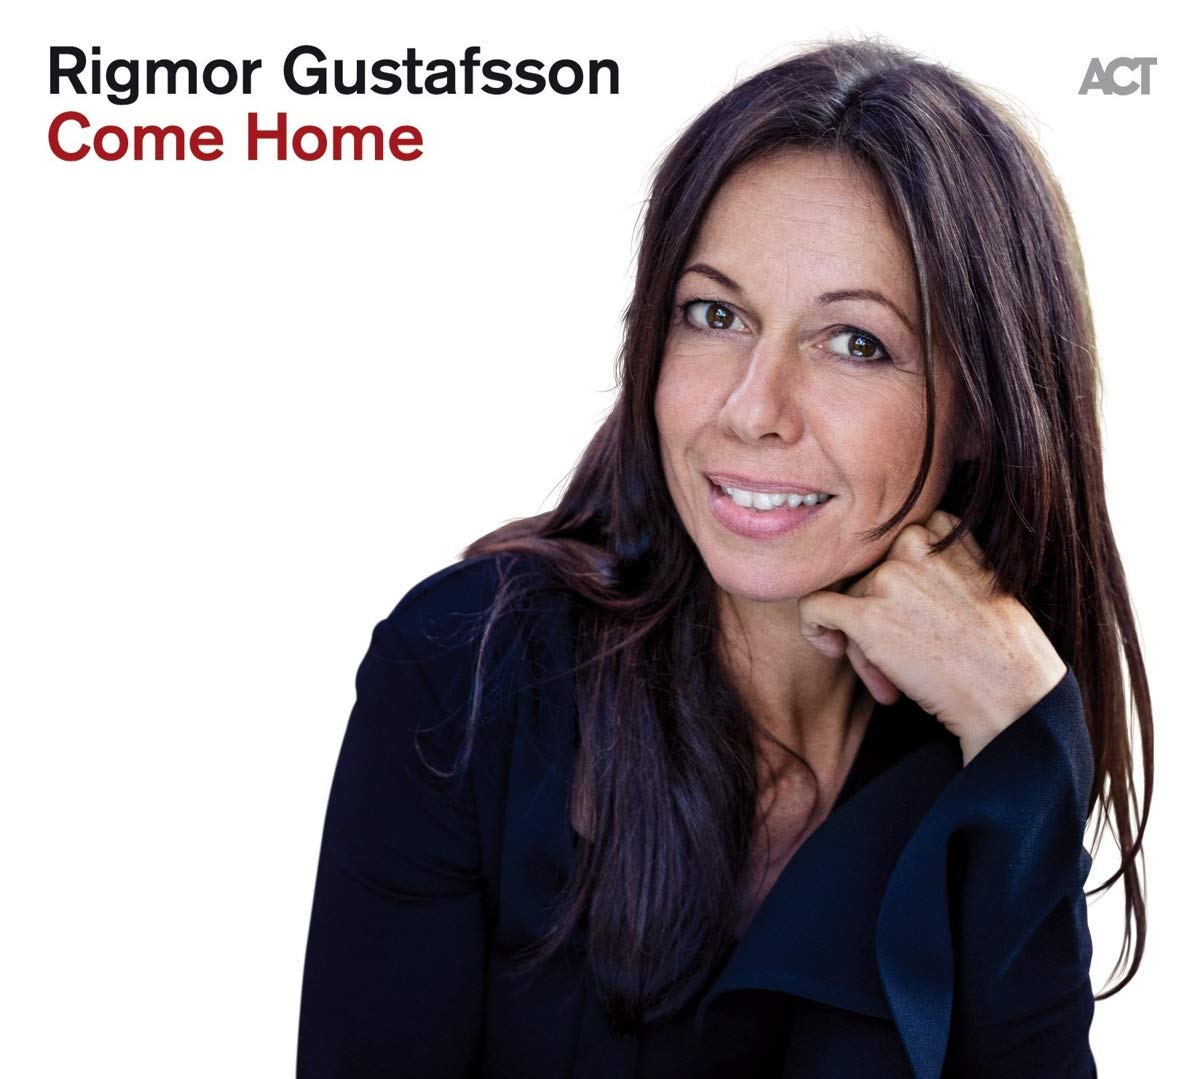 RIGMOR GUSTAFSSON - Come Home cover